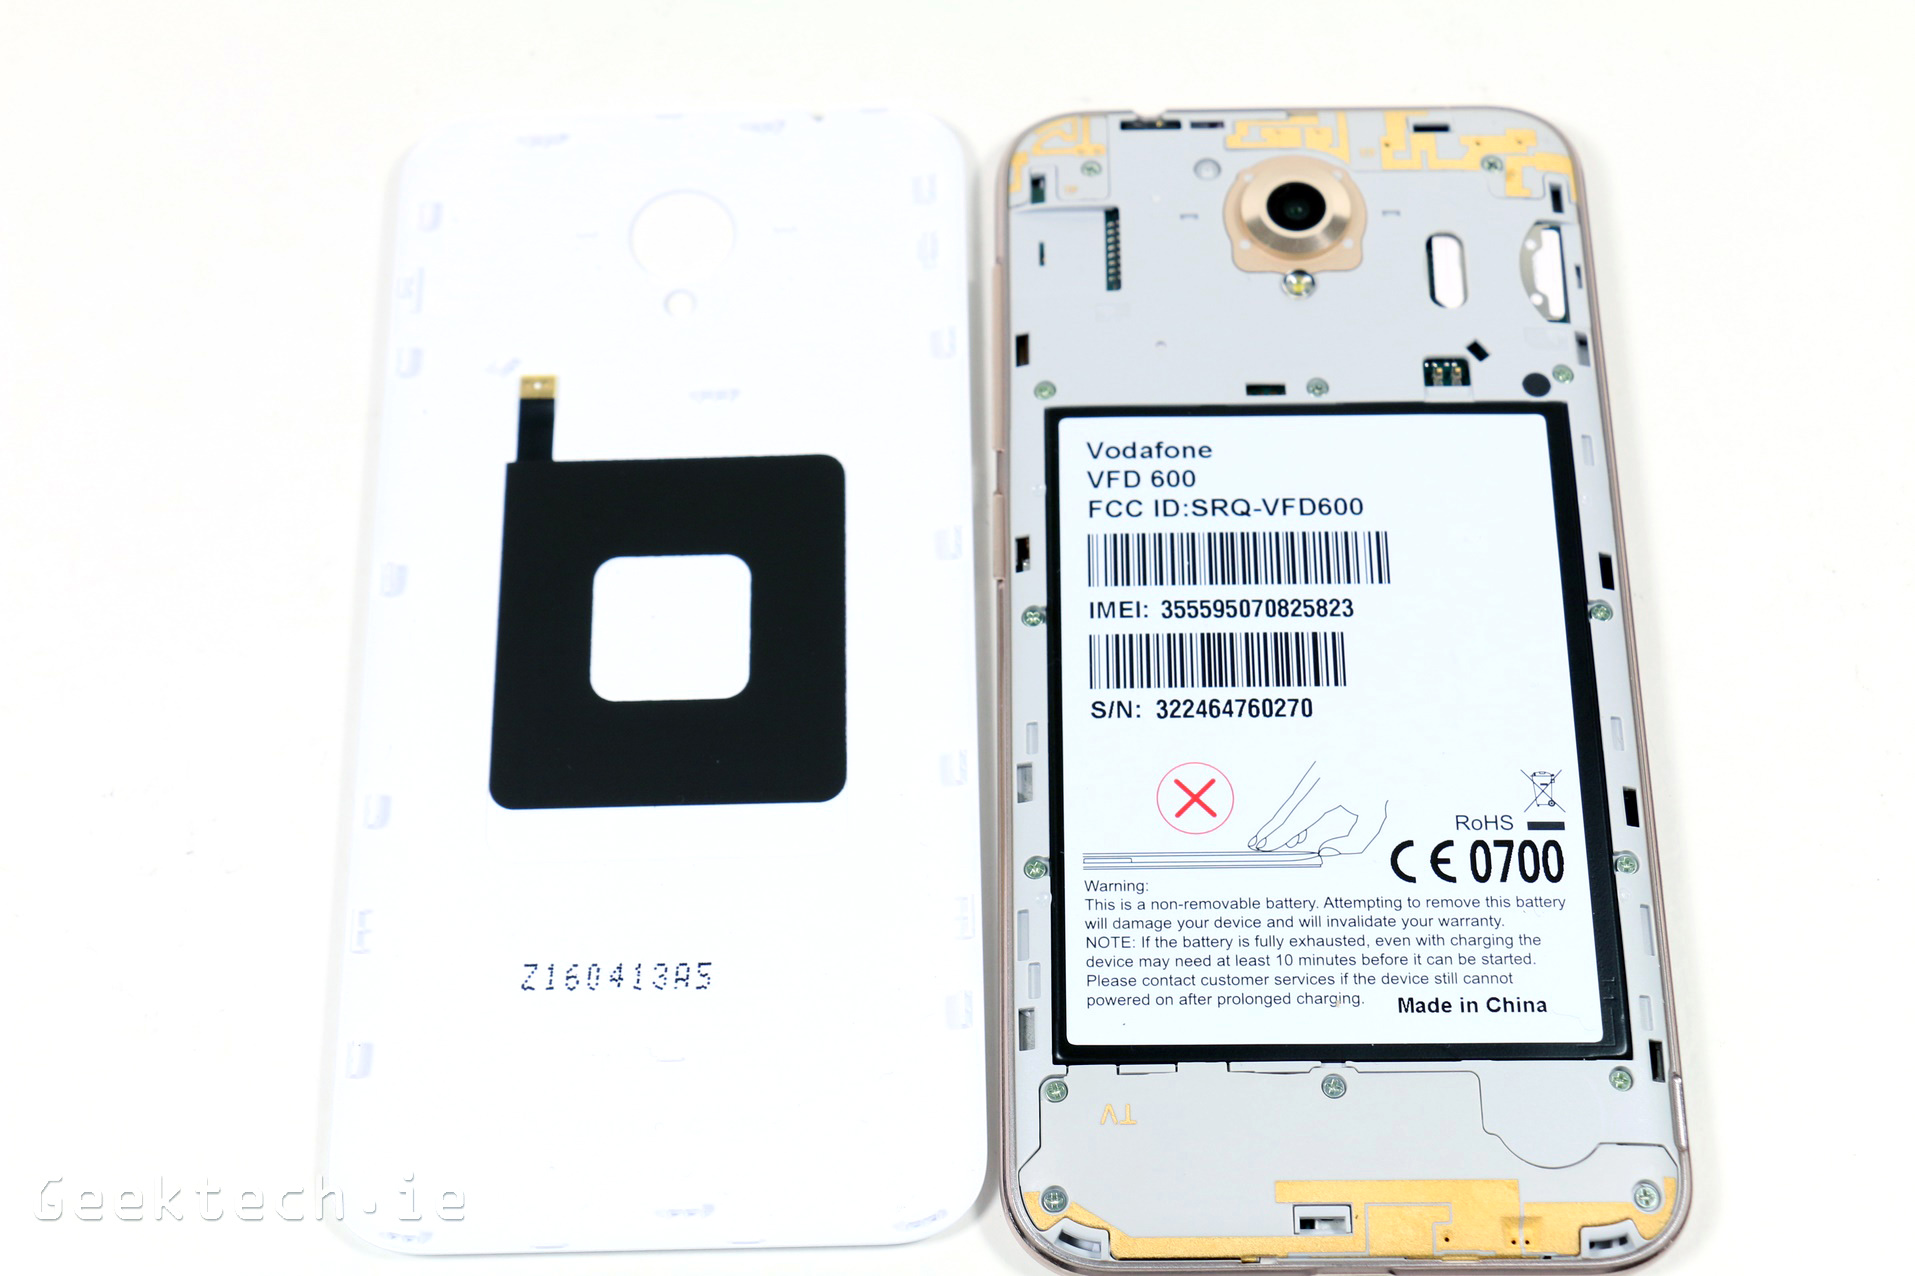 Vodafone vfd 620 frp bypass